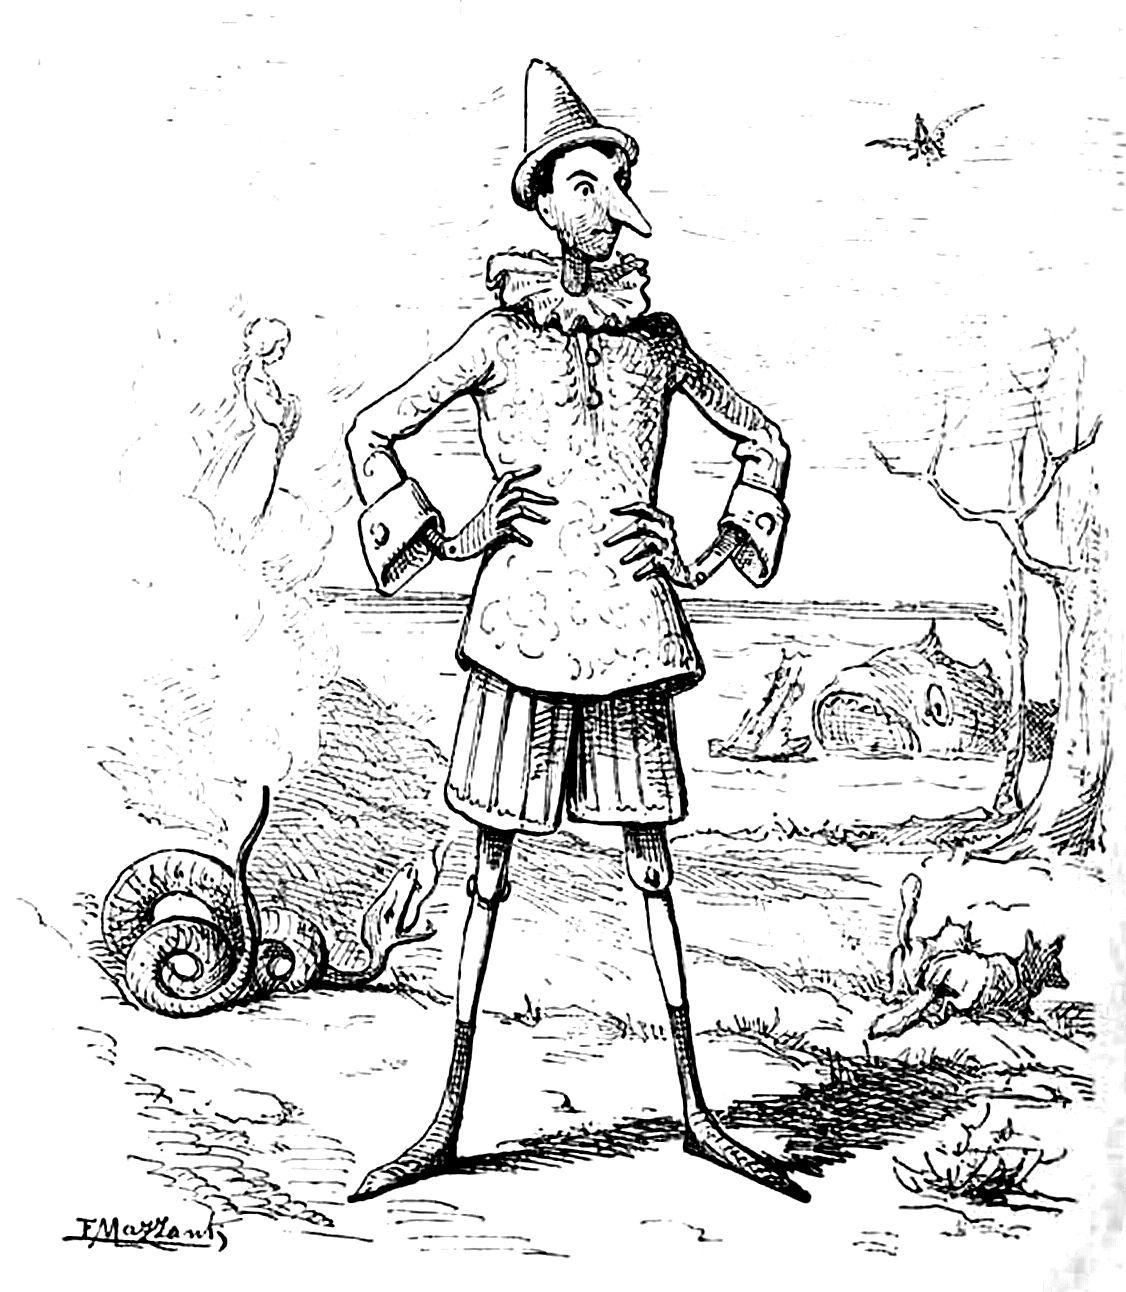 Collodi_-_Le_avventure_di_Pinocchio,_Bemporad,_1892_(page_1_crop)